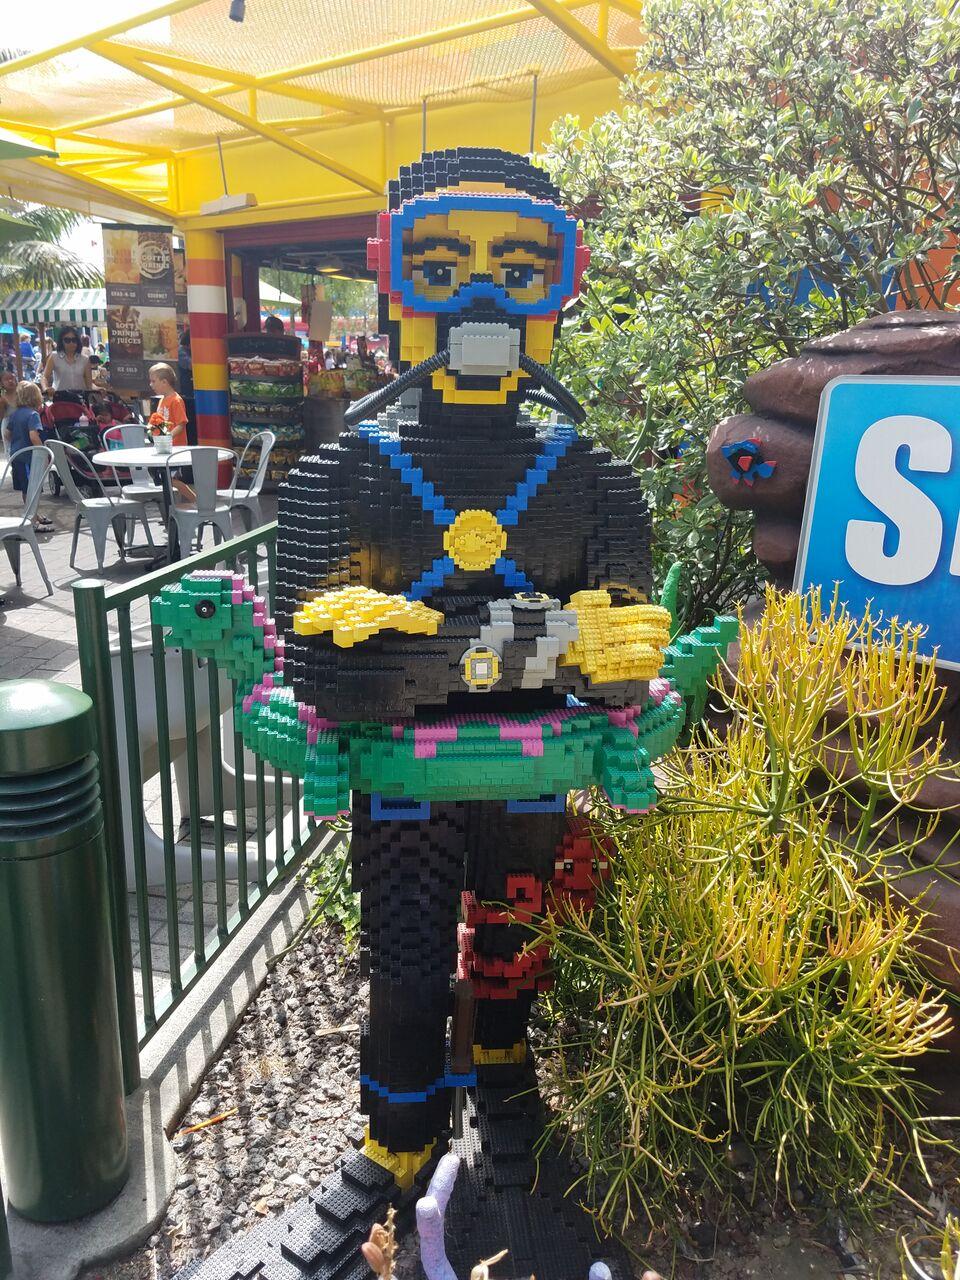 Legoland Hotel Deal on Groupon (Castle Hotel) + Kids Get